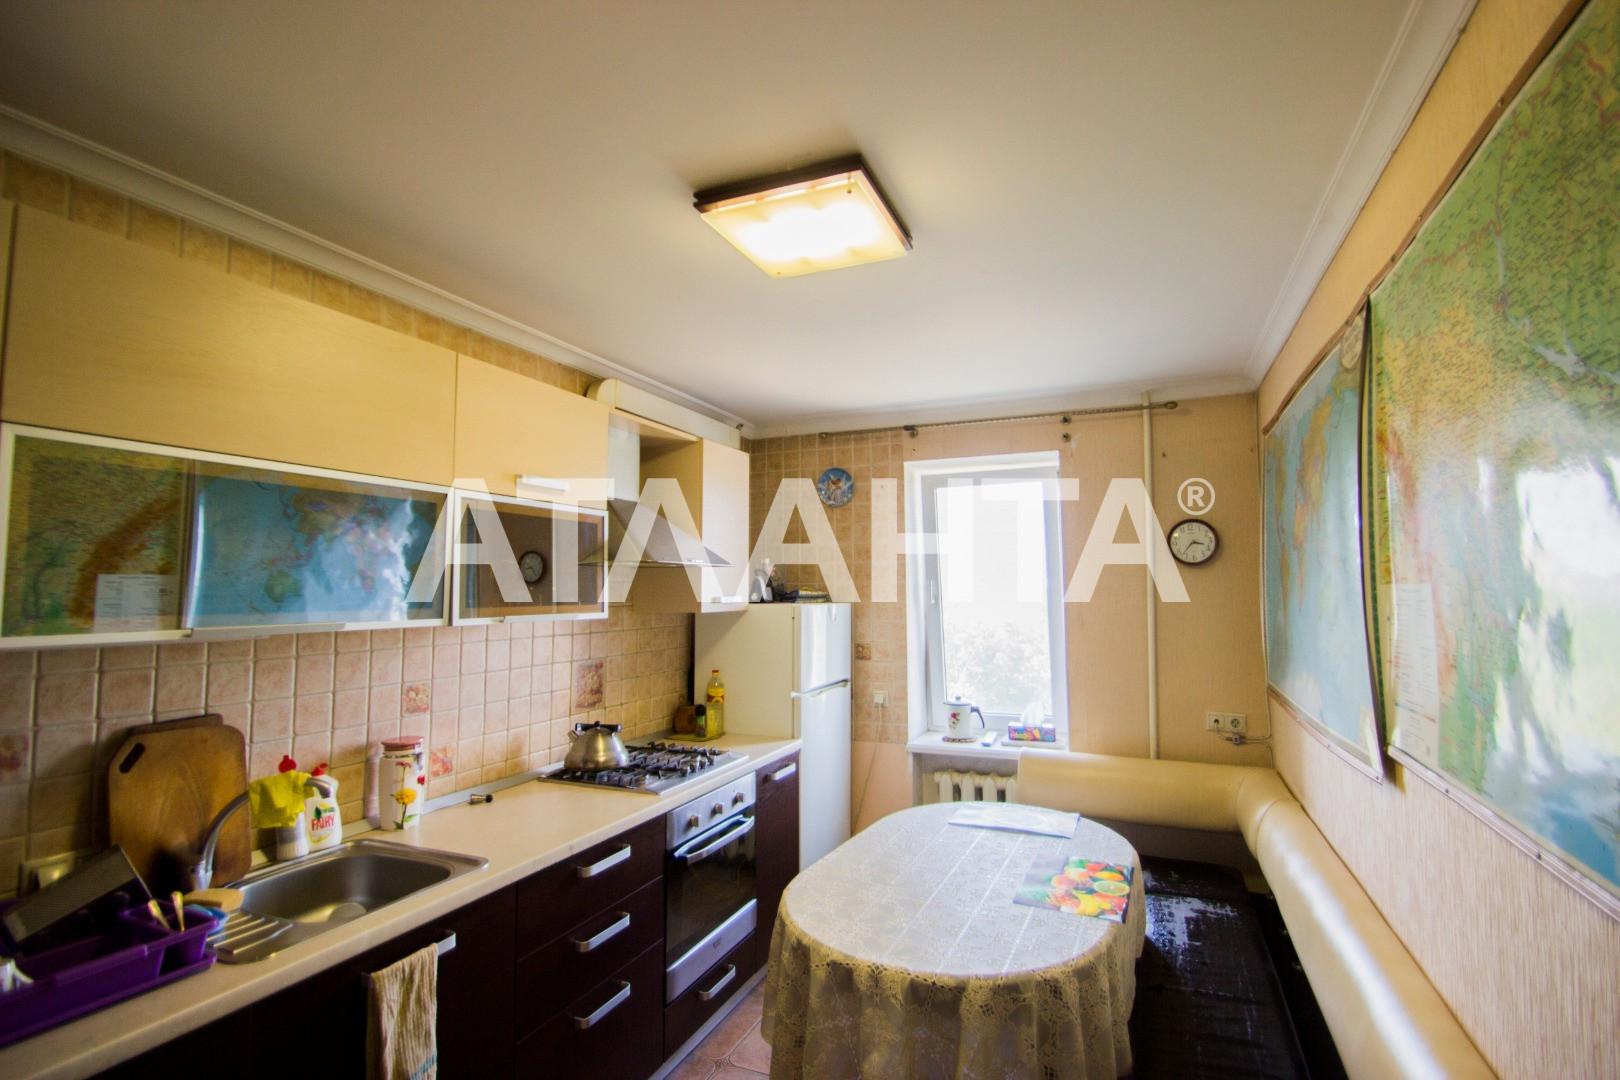 Продается 3-комнатная Квартира на ул. Центральный Аэропорт — 75 000 у.е. (фото №8)